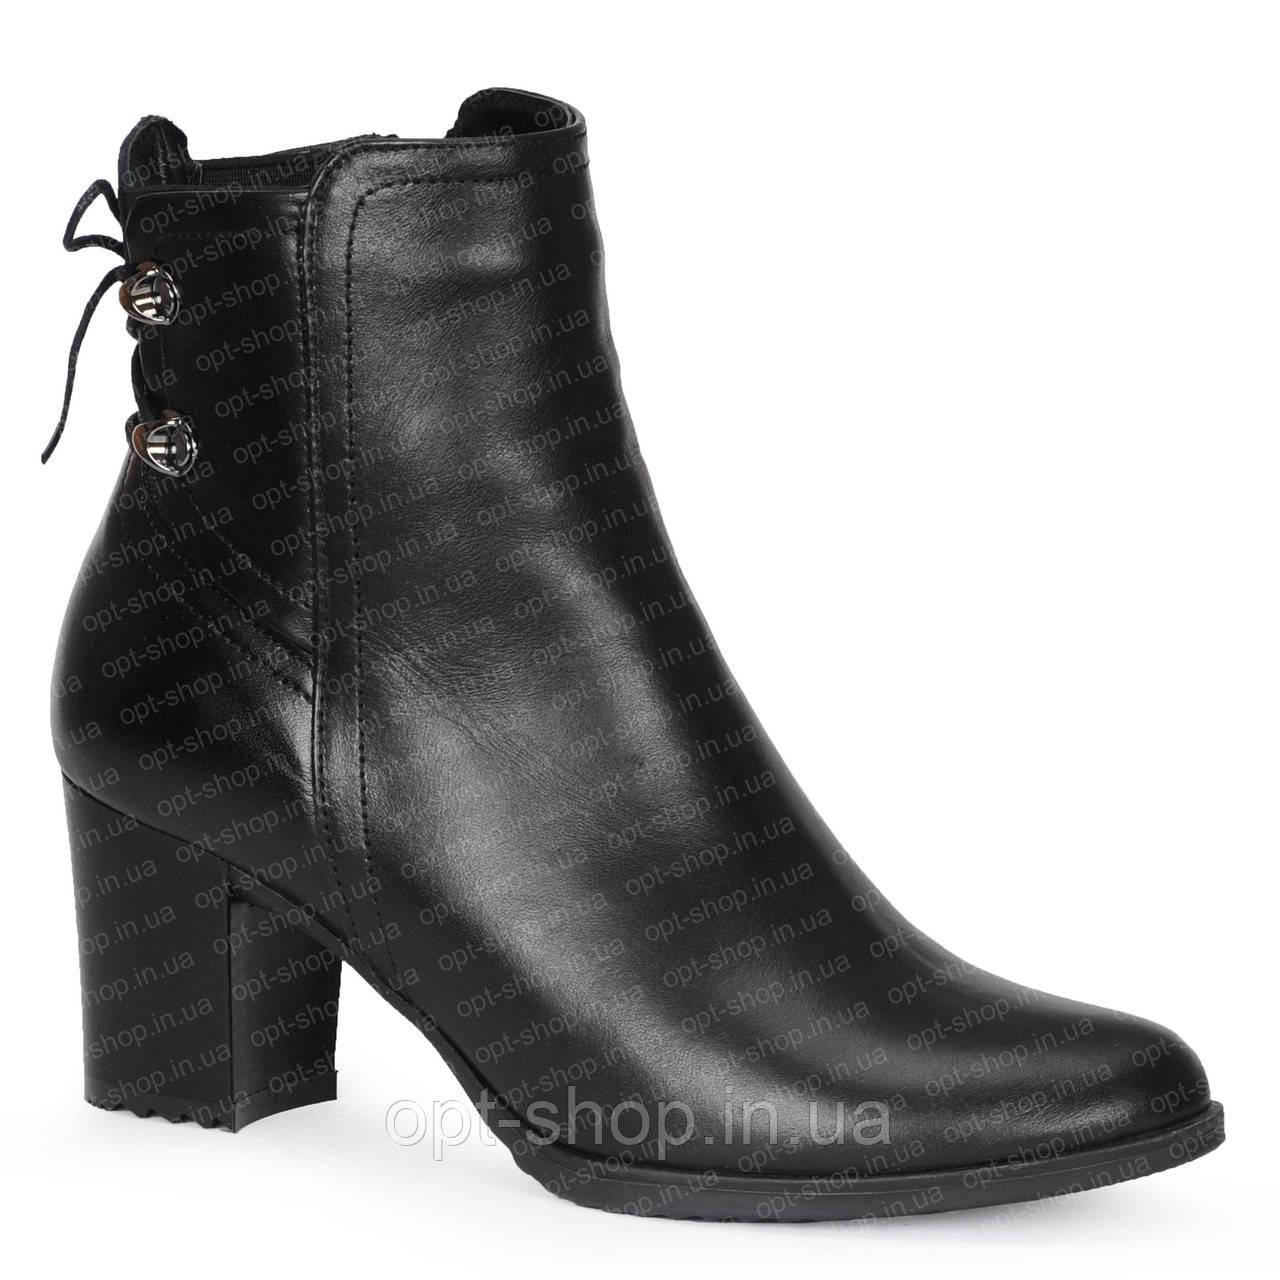 Женские демисезонные осенние полусапожки ботинки ботильоны на каблуке